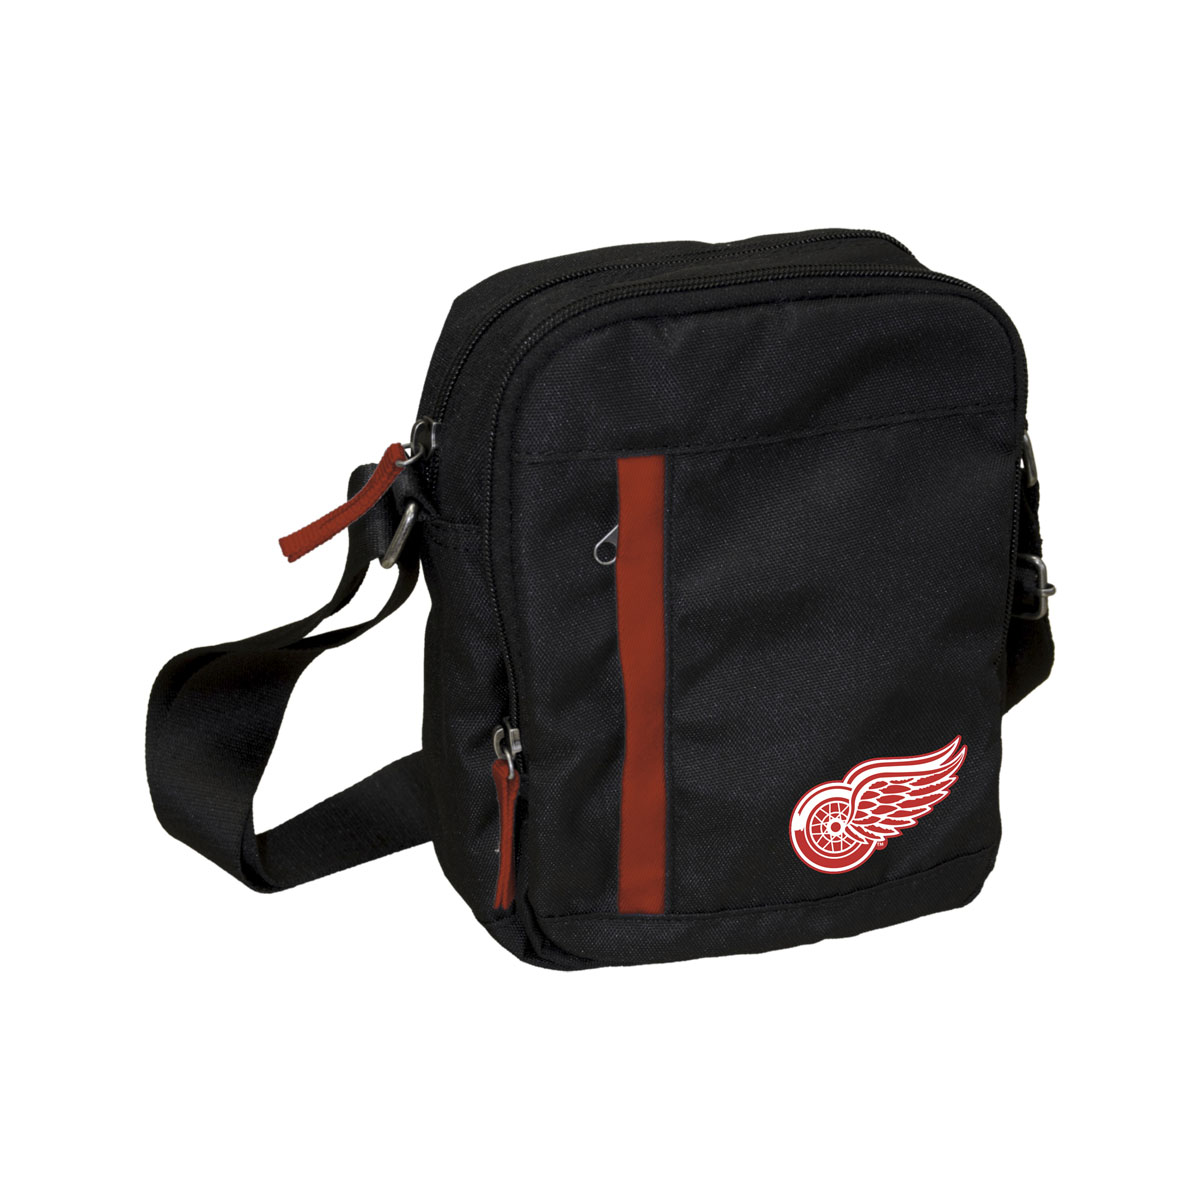 Сумка на ремне NHL Red Wings, цвет: черный, 3,5 л. 5801758022Универсальная сумка NHL Red Wings на регулируемом плечевом ремне имеет два отделения на молнии. Внешний карман на молнии отделан контрастной полосой. Основное отделение содержит четыре небольших кармана для мелочей, один из них на молнии. Сумка украшена эмблемой хоккейной команды Red Wings.